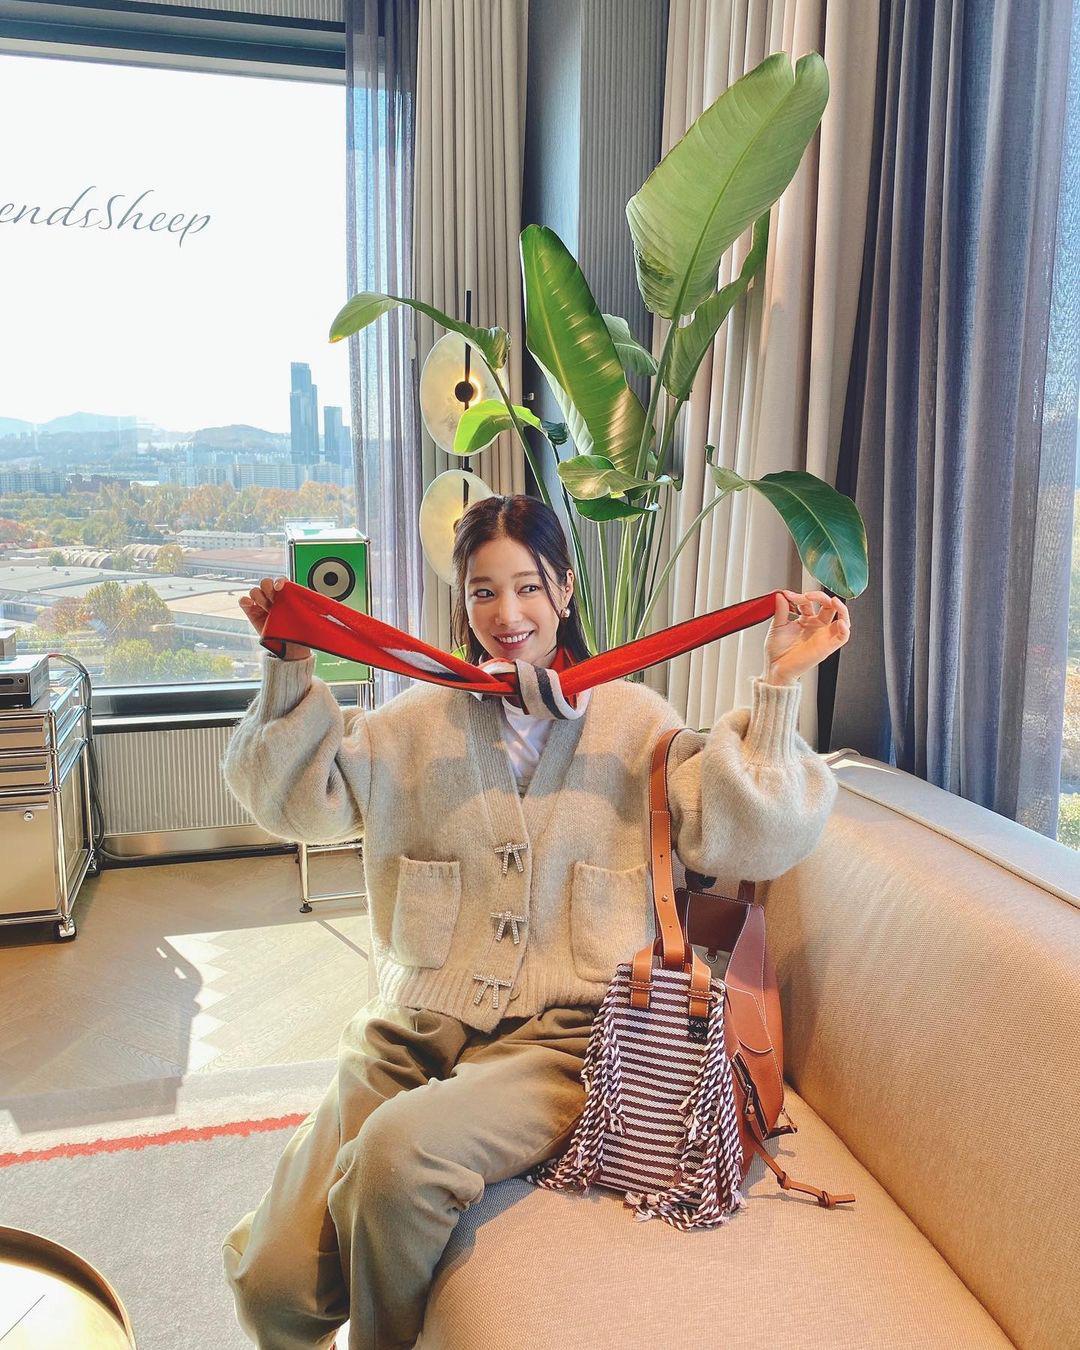 Đồ Zara, H&M sao Hàn sắm đợt này: Tân binh nhà SM diện đồ rẻ mà sang như hàng hiệu - Ảnh 5.